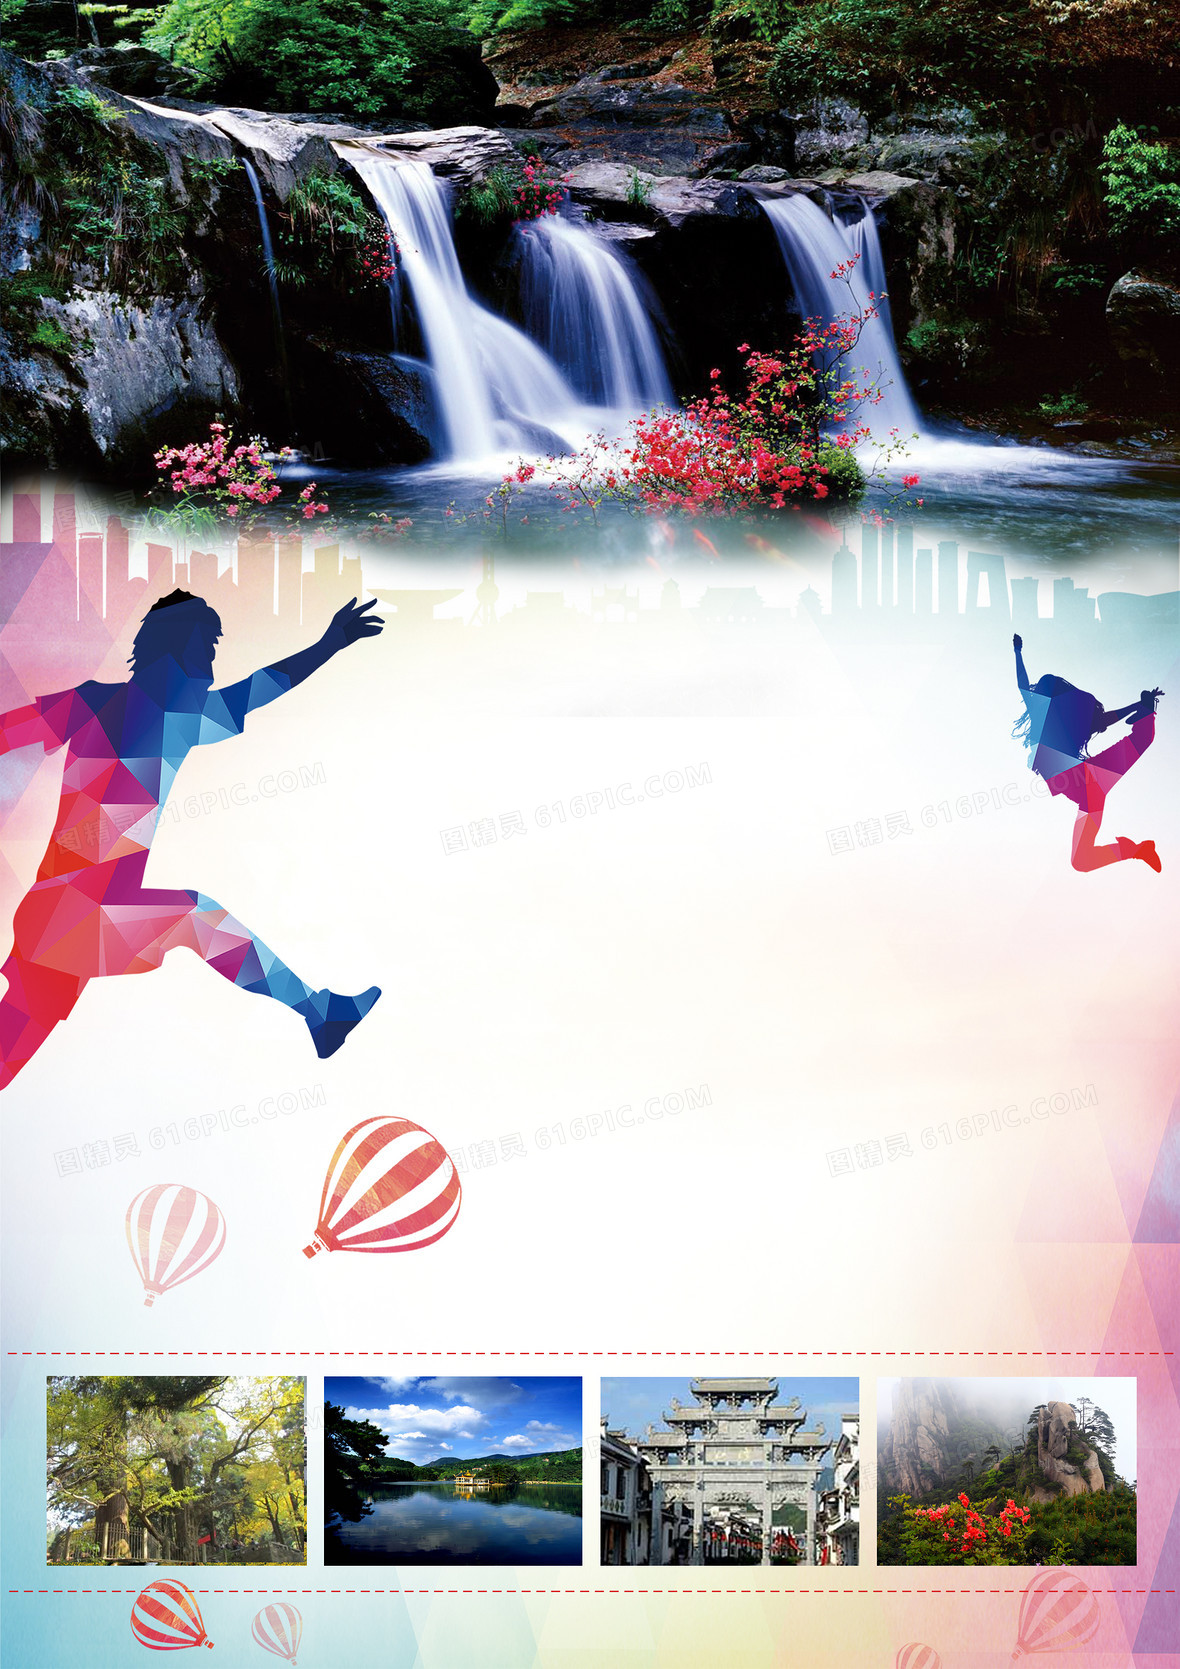 江西山水风景旅游广告海报背景素材